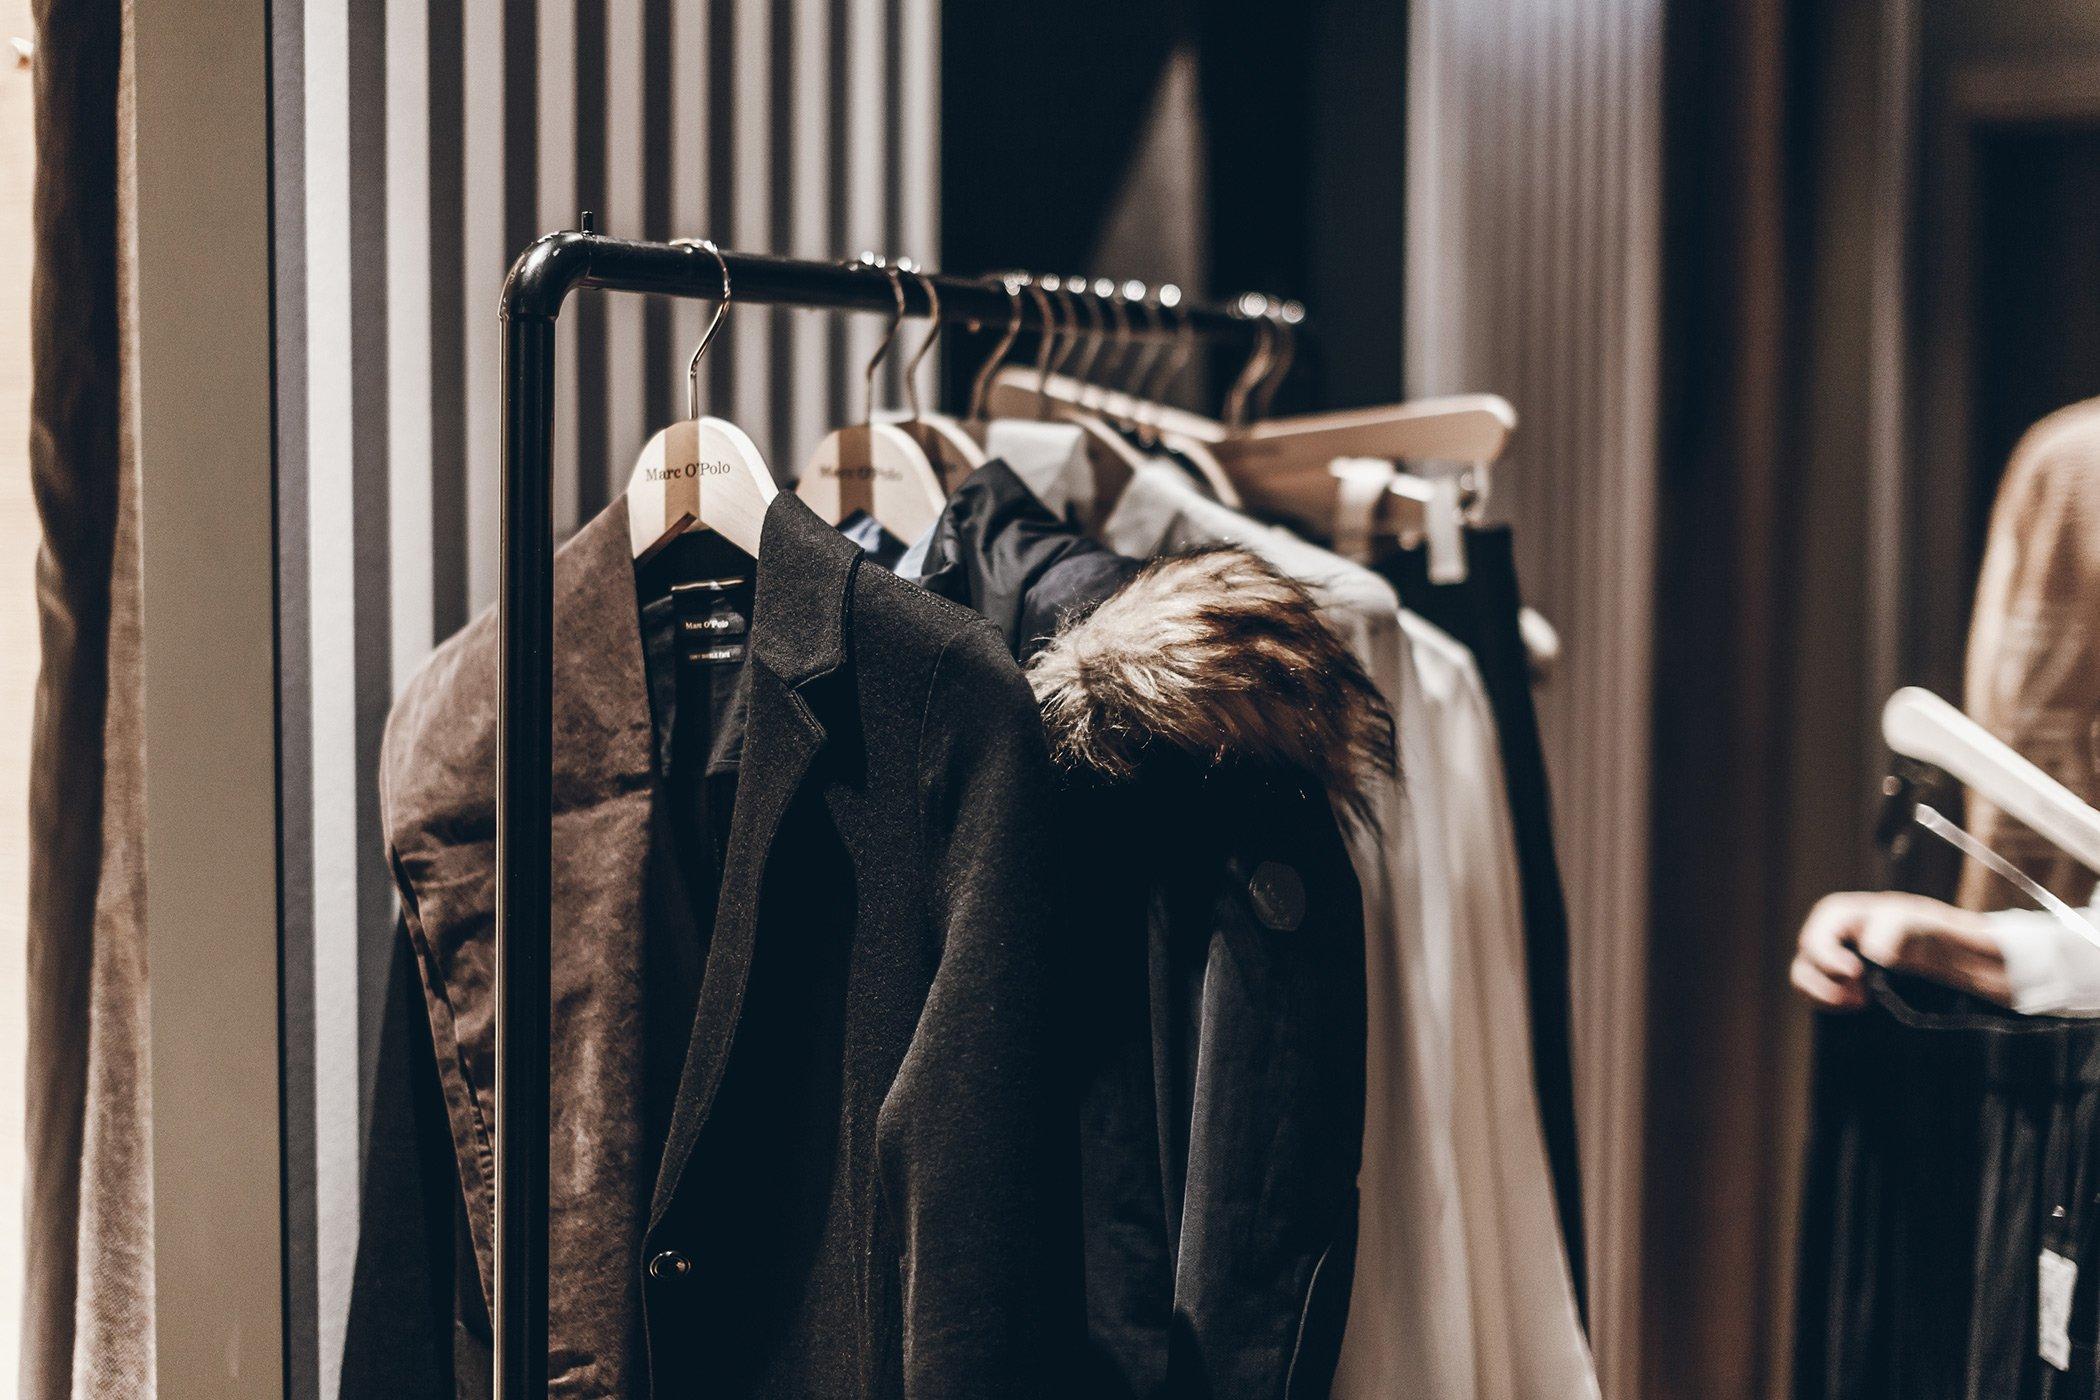 mikuta-marc-o-polo-shopping-8